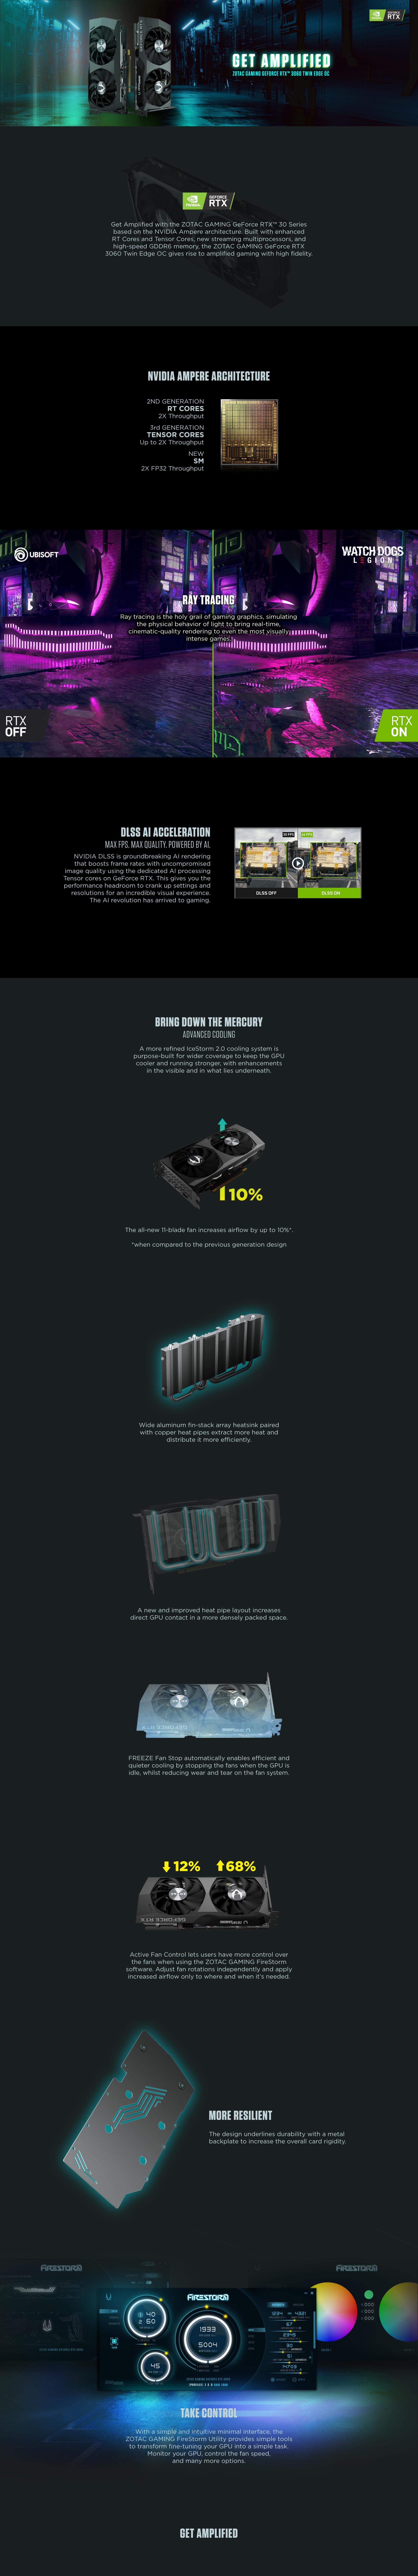 Tarjeta de video Zotac GeForce RTX 3060 Twin Edge OC, 12GB GDDR6, 192-Bits, DisplayPort, HDMI 2.1